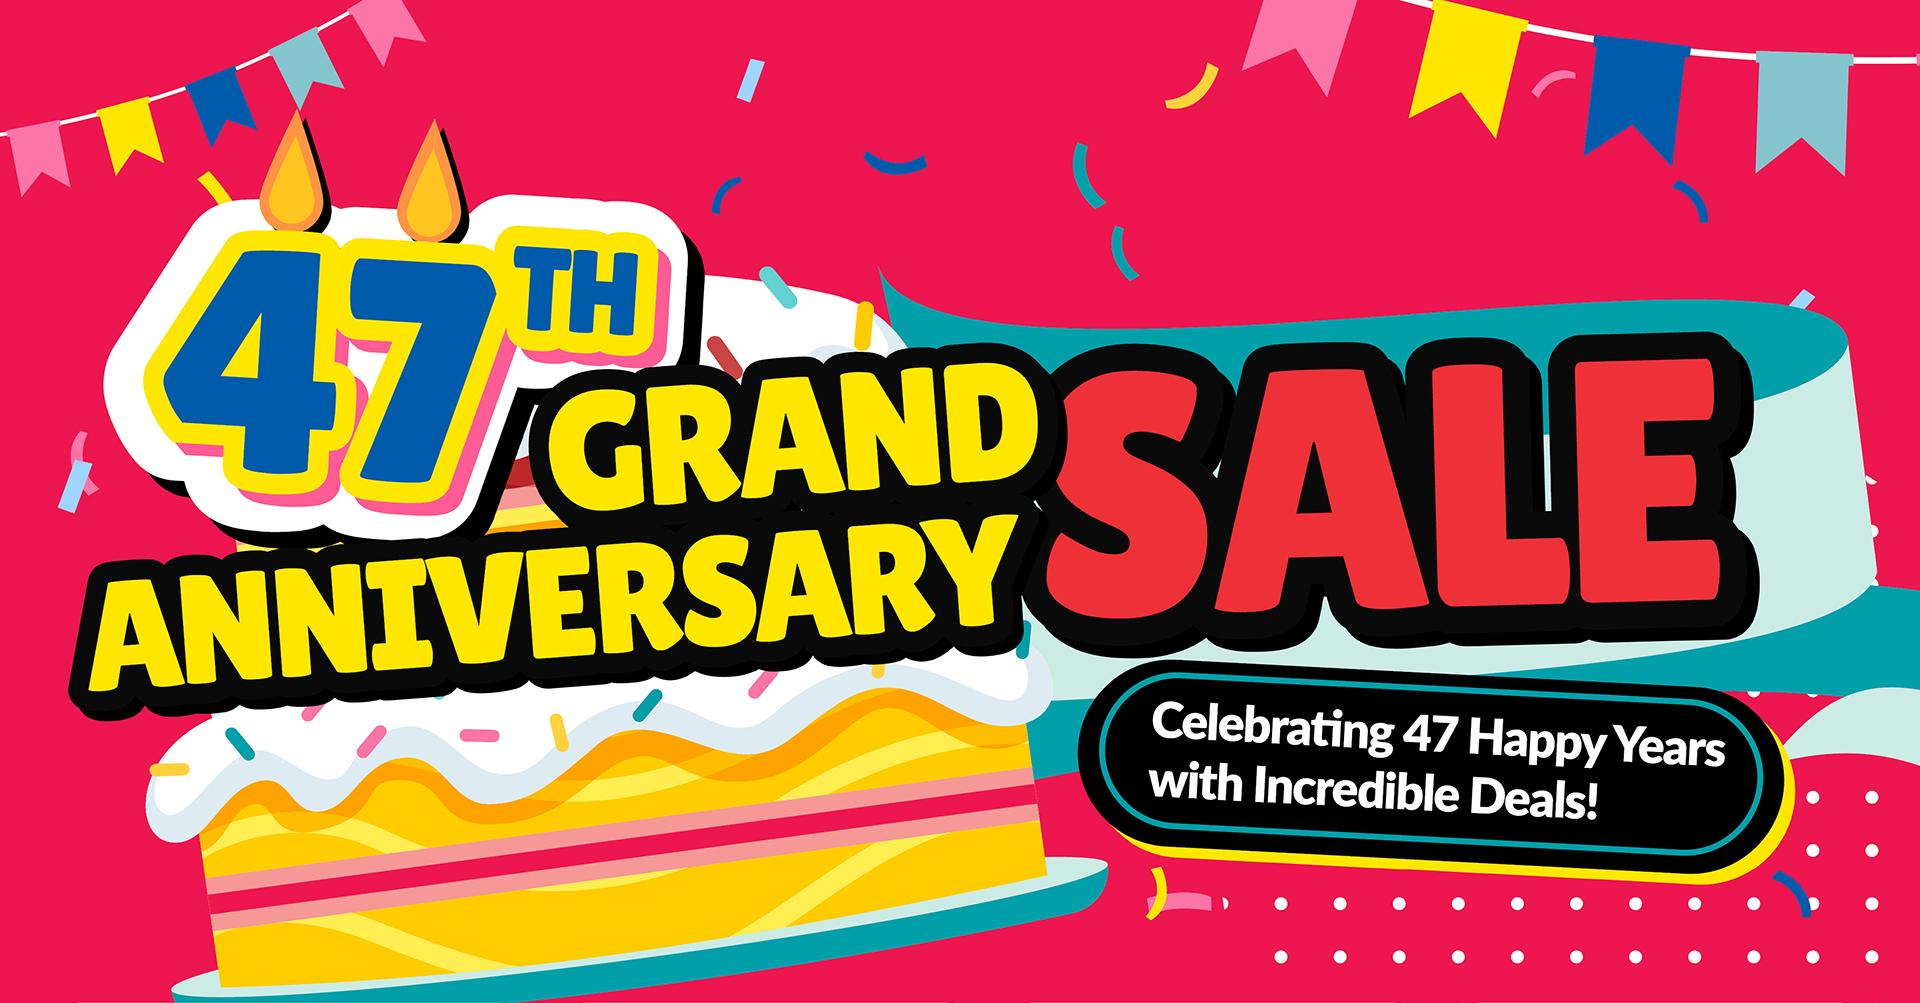 47th Grand Anniversary Sale